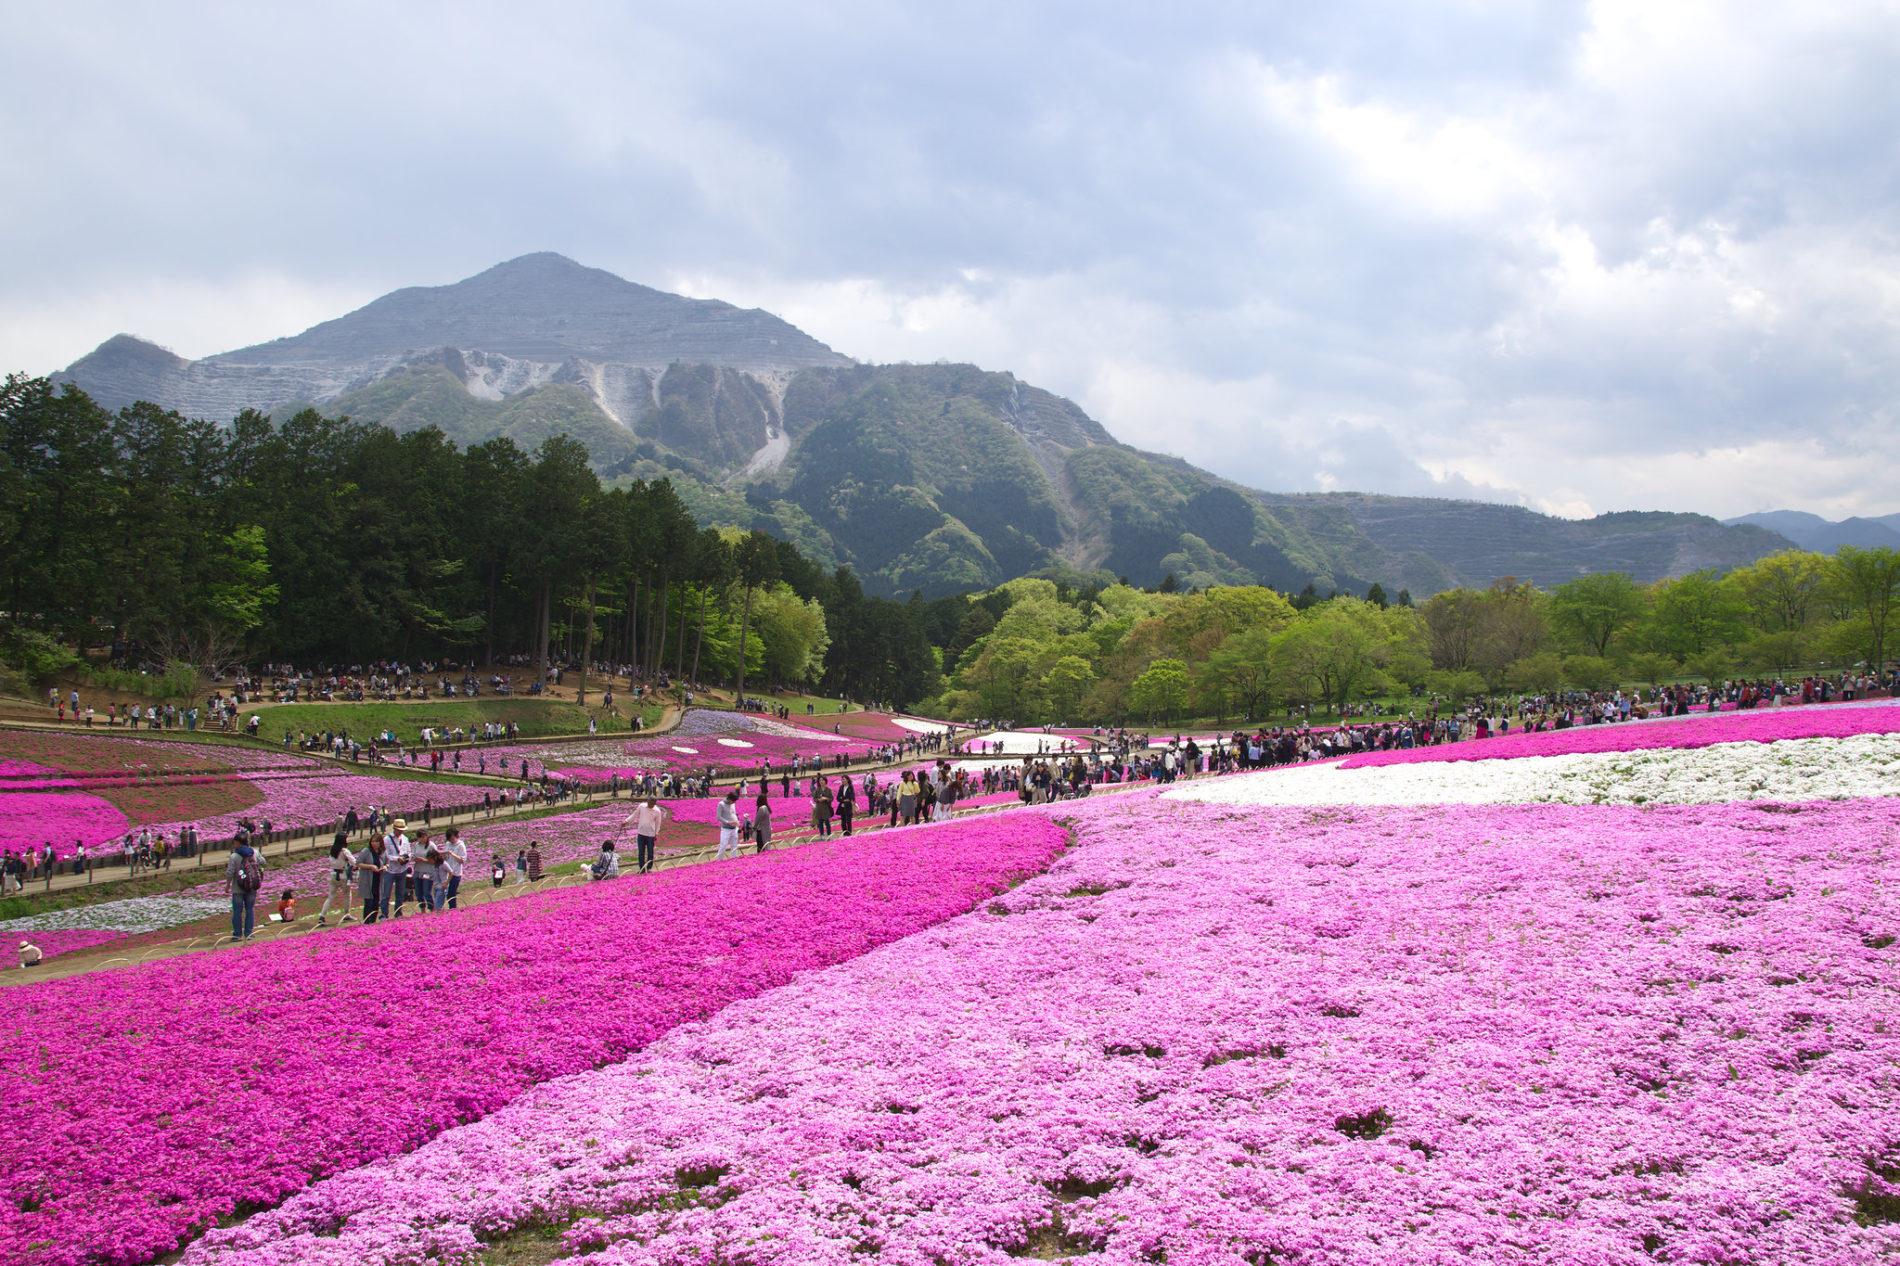 Das Shibazakura Festival im Hitsujiyama Park in Chichibu findet jedes Jahr im April statt und taucht alles in Pink. (Foto: Raita Futo auf Flickr https://www.flickr.com/photos/raita/34838033043)